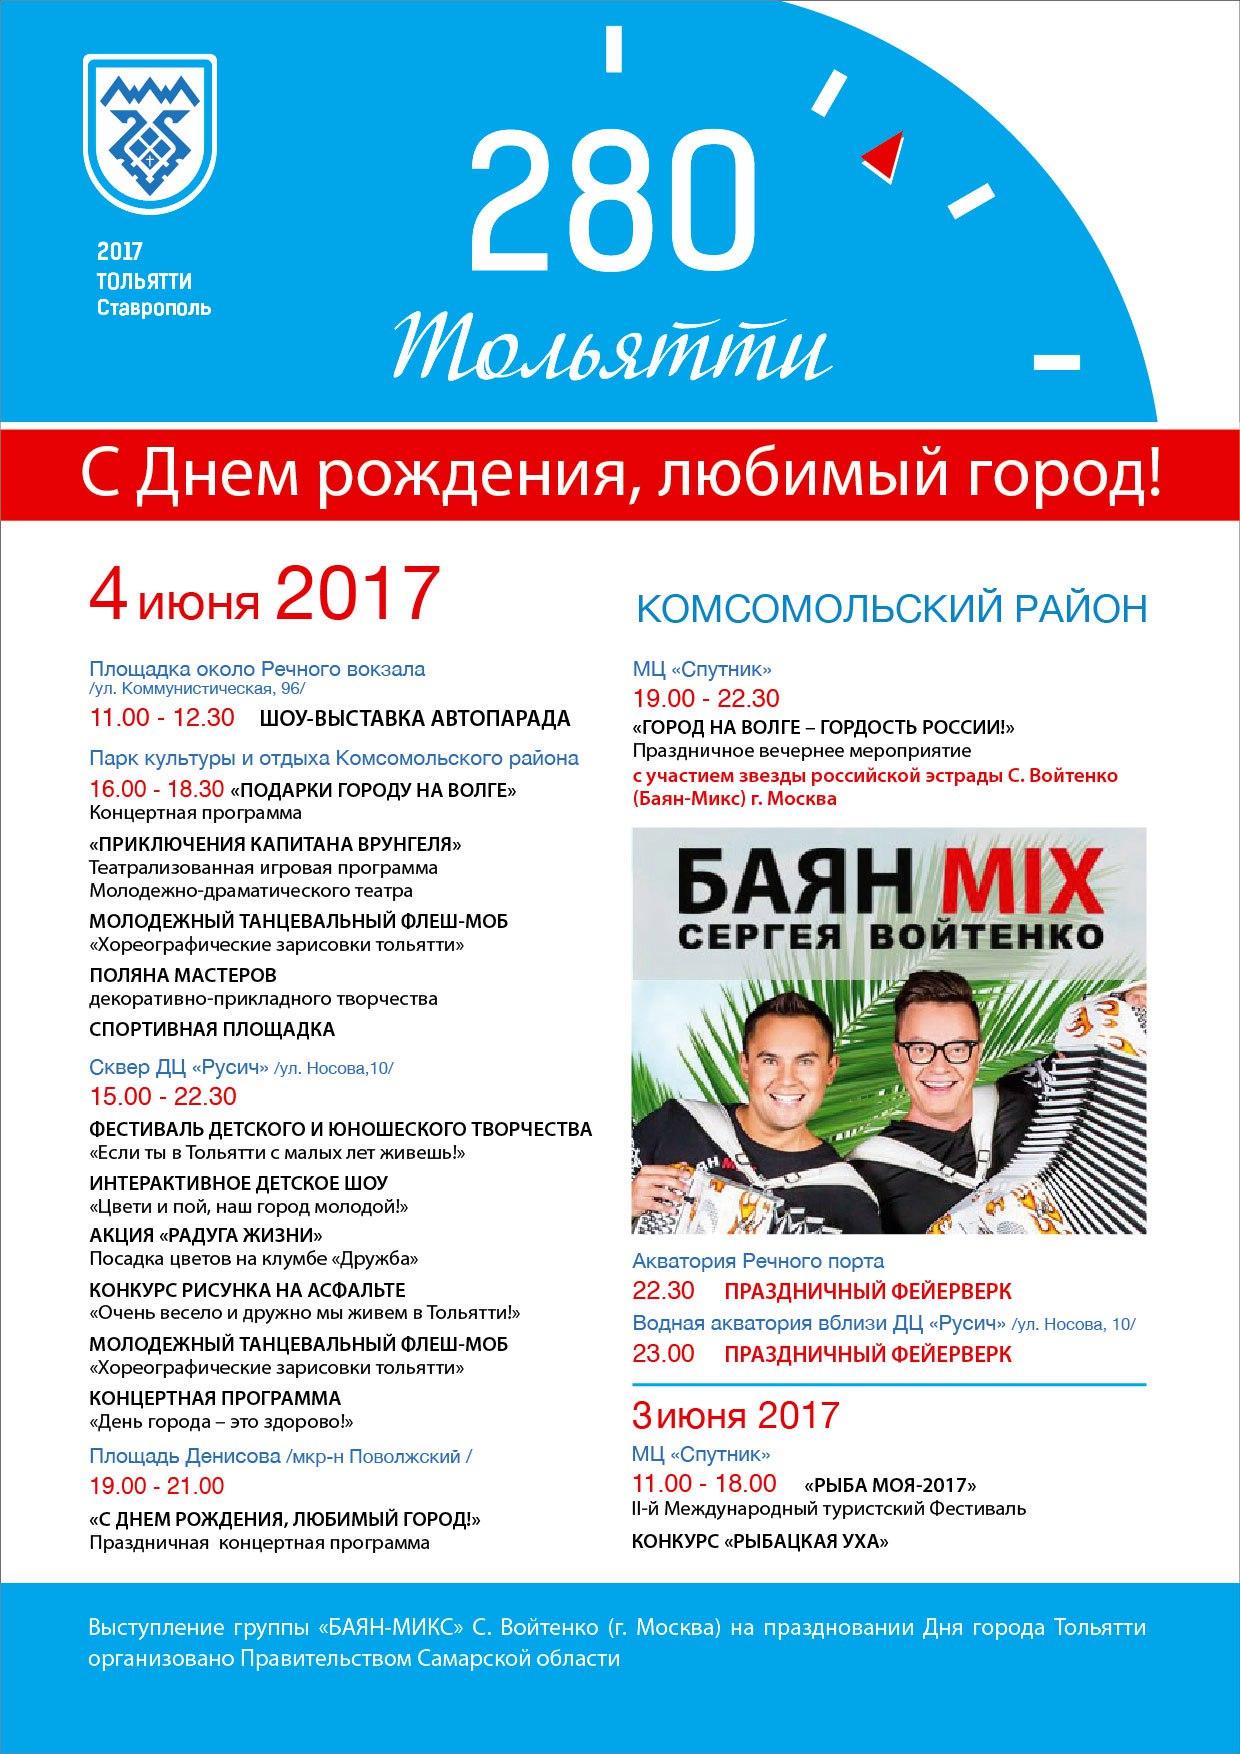 День города Тольятти 2017 - 3 и 4 июня: Программа мероприятий, когда, где и во сколько салют